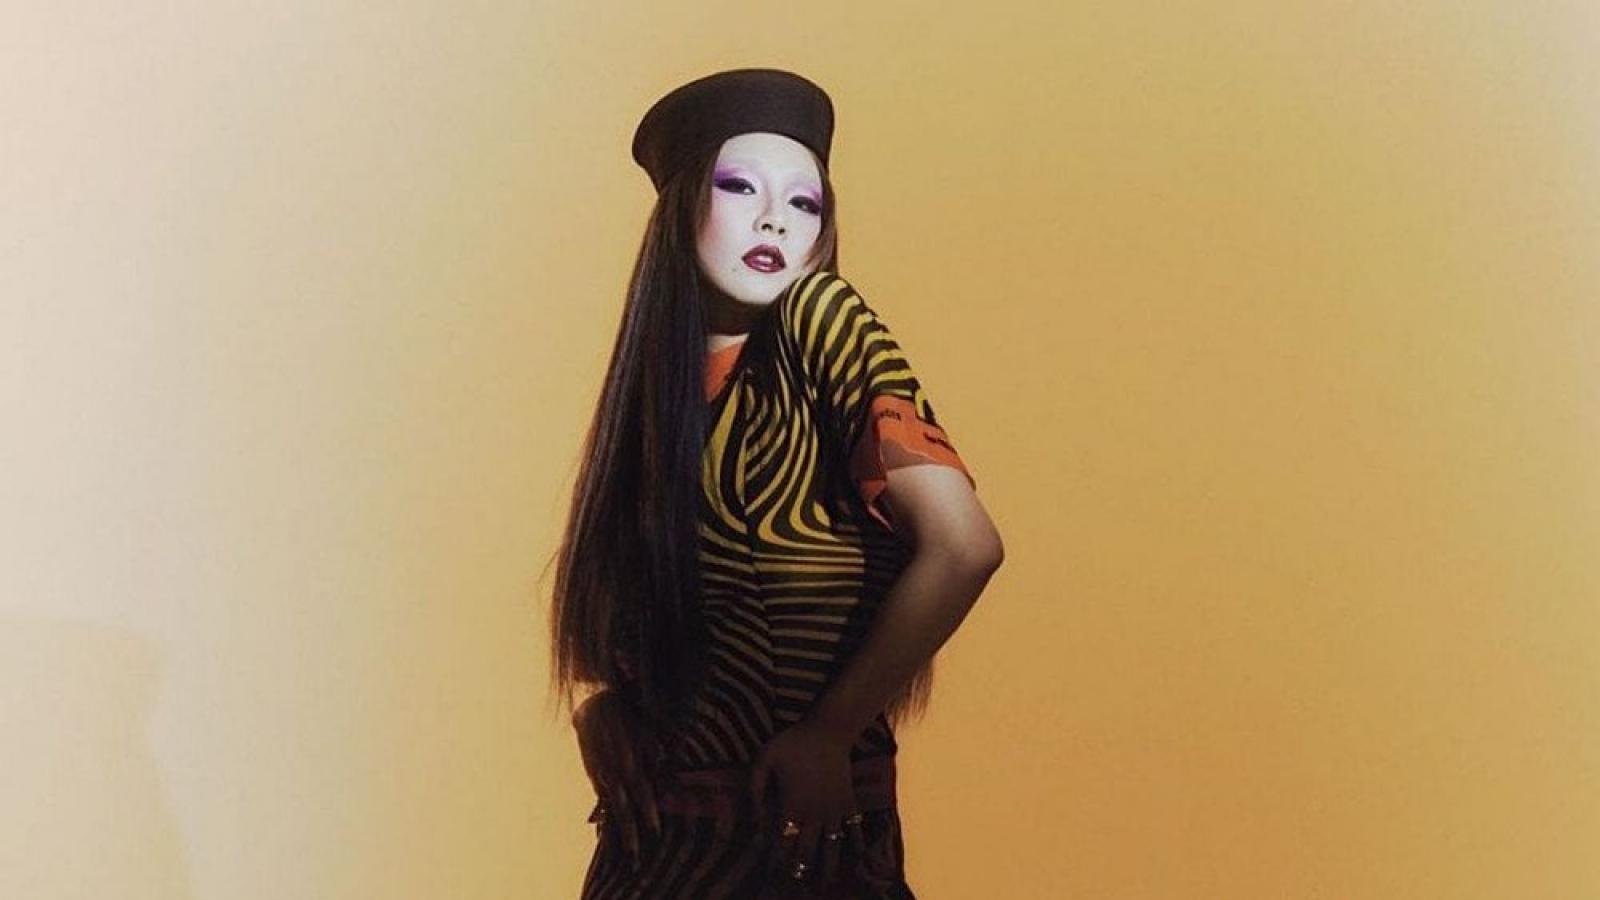 Giảm cân ngoạn mục, CL (2NE1) khác lạ trong loạt ảnh nghệ thuật trên tạp chí